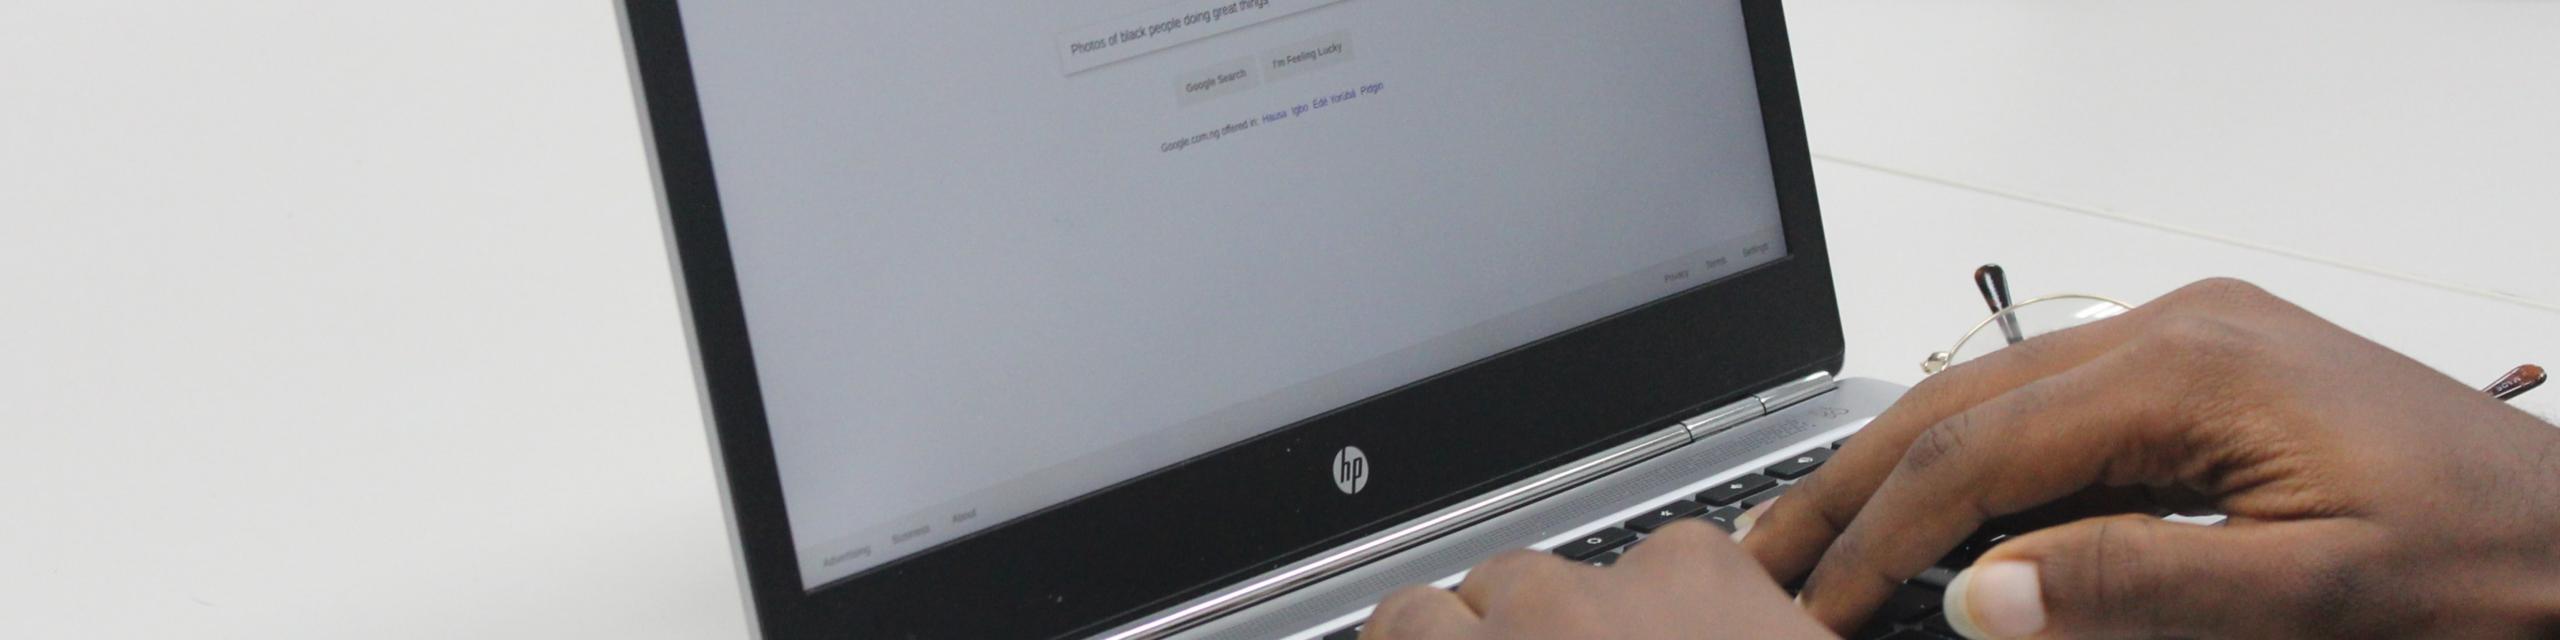 Personne tapant sur le clavier d'un ordinateur